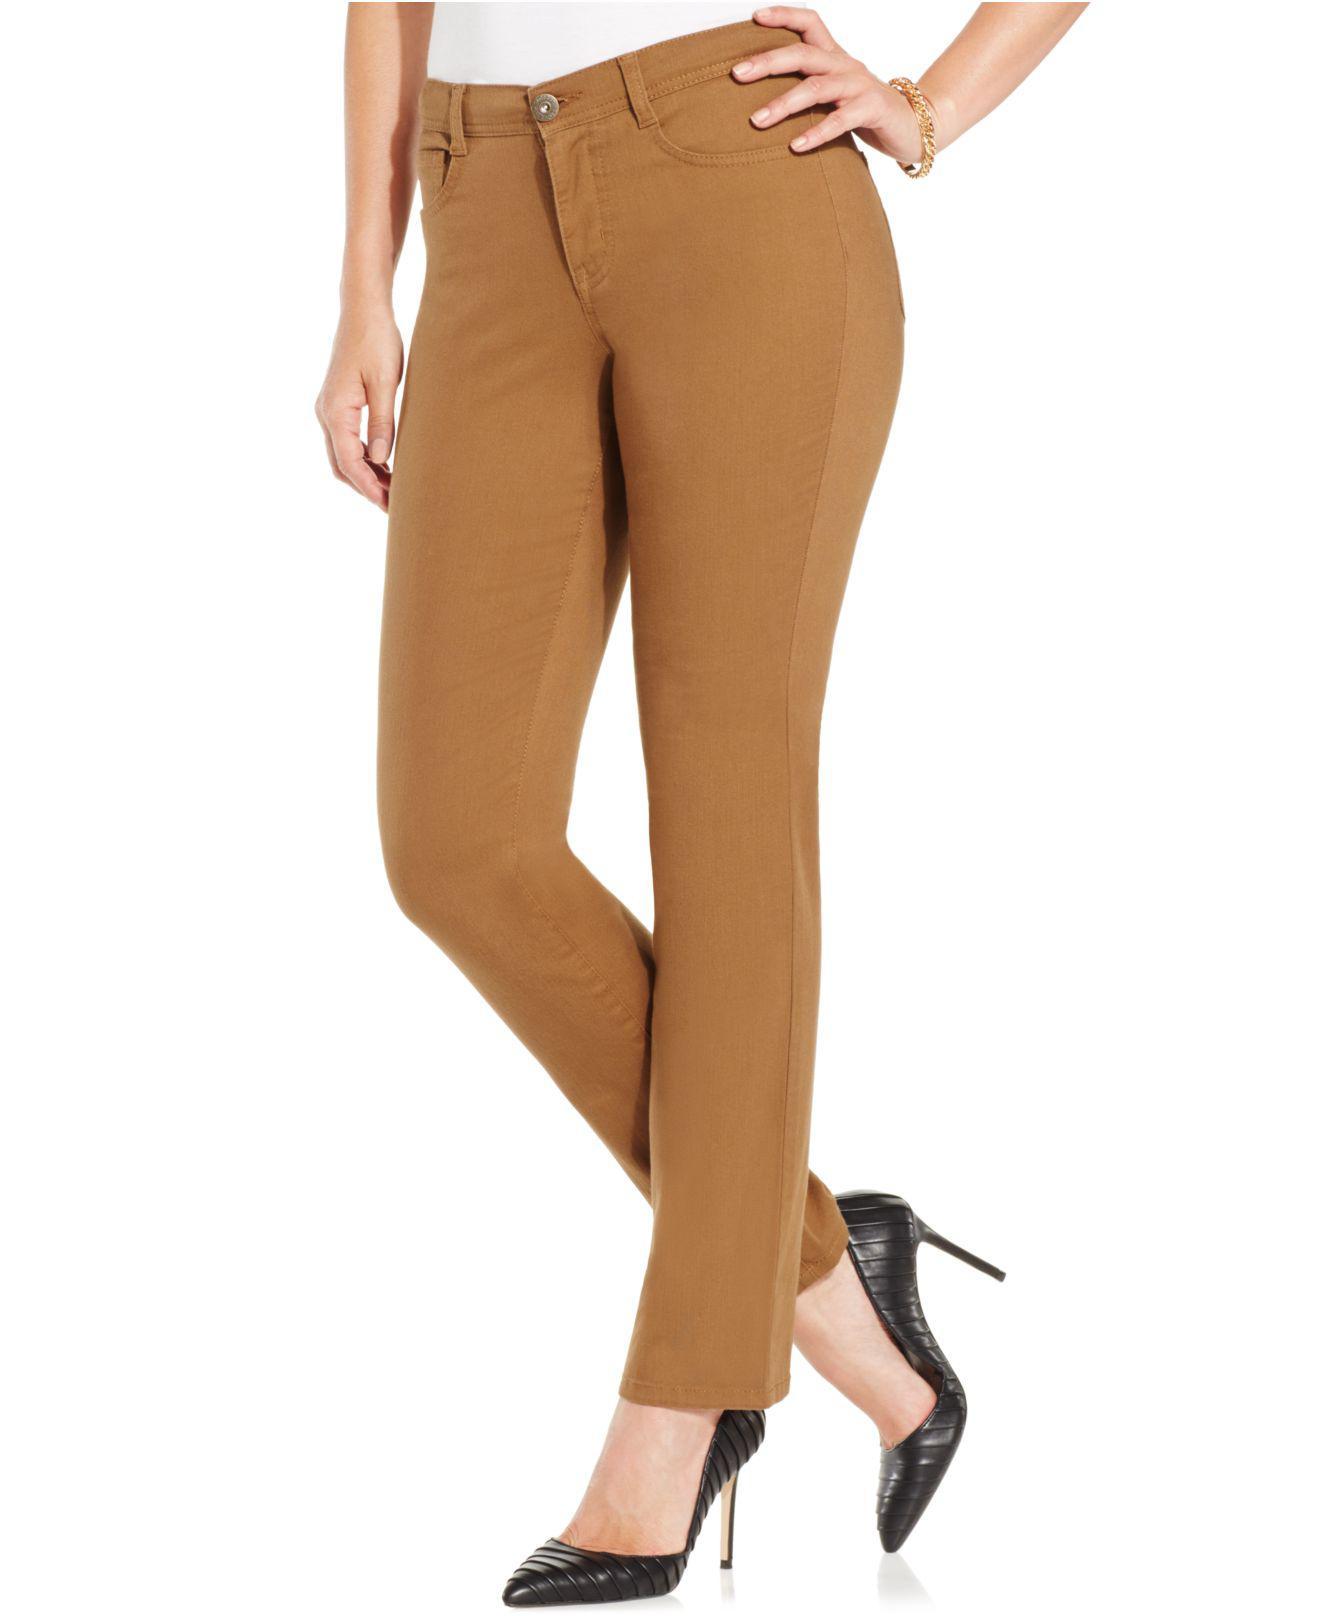 1a92ec2b8e5 Style   Co. Women s Brown Petite Tummy-control Slim-leg Jeans ...